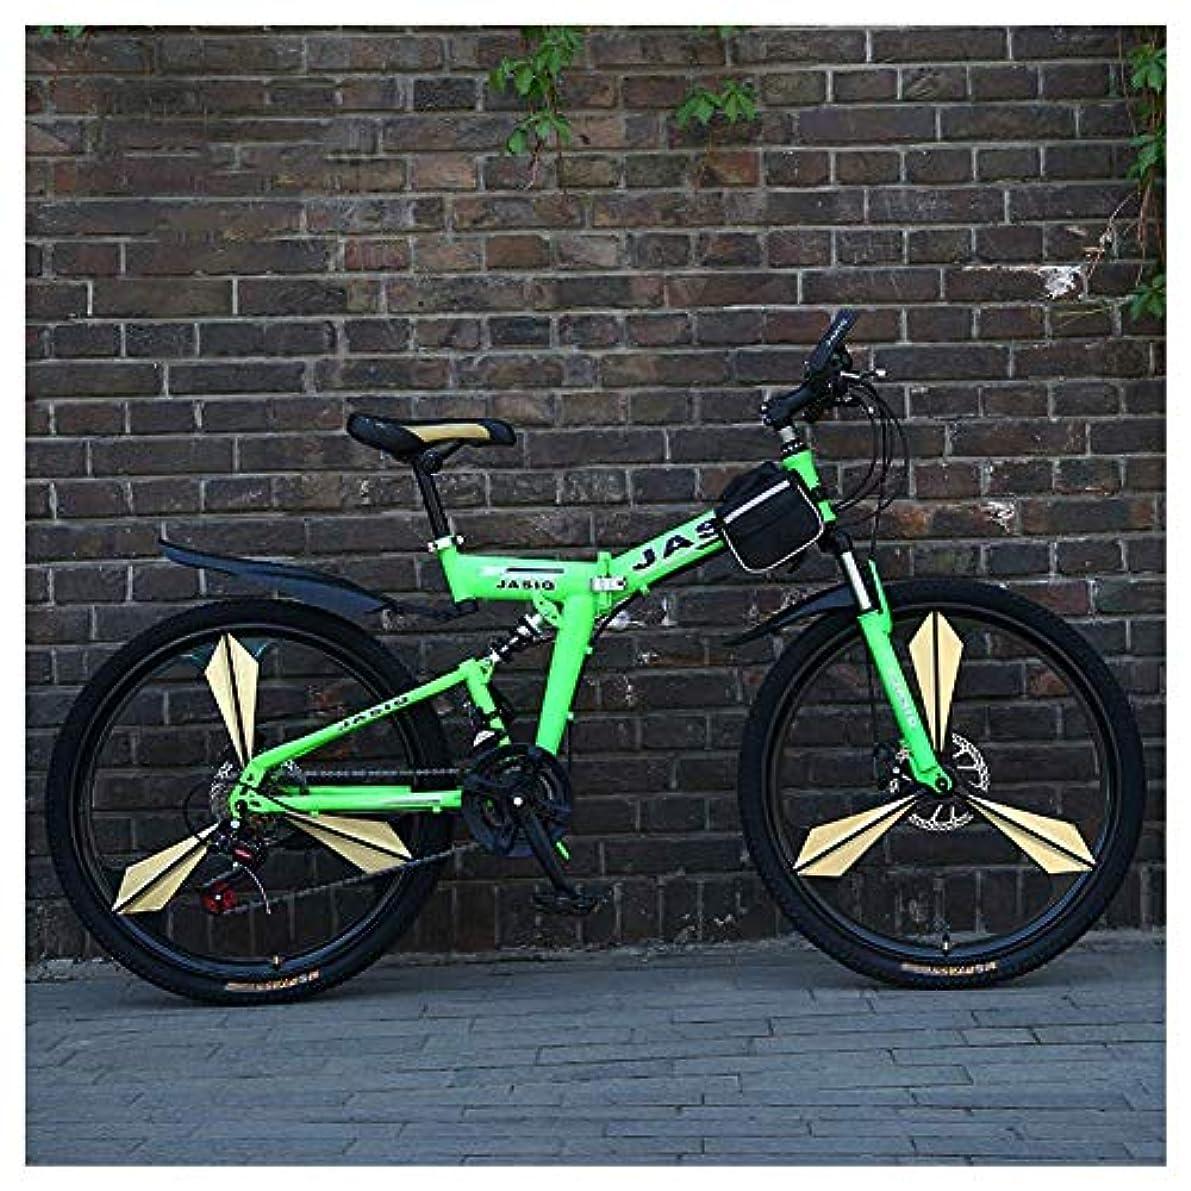 寄稿者反毒タイマーWXQ-XQ アウトドアスポーツ折りたたみマウンテンバイク自転車大人メンズ可変速度オフロードダブル衝撃吸収高炭素鋼フレームソフトテール26インチ24スピード (Color : Green)